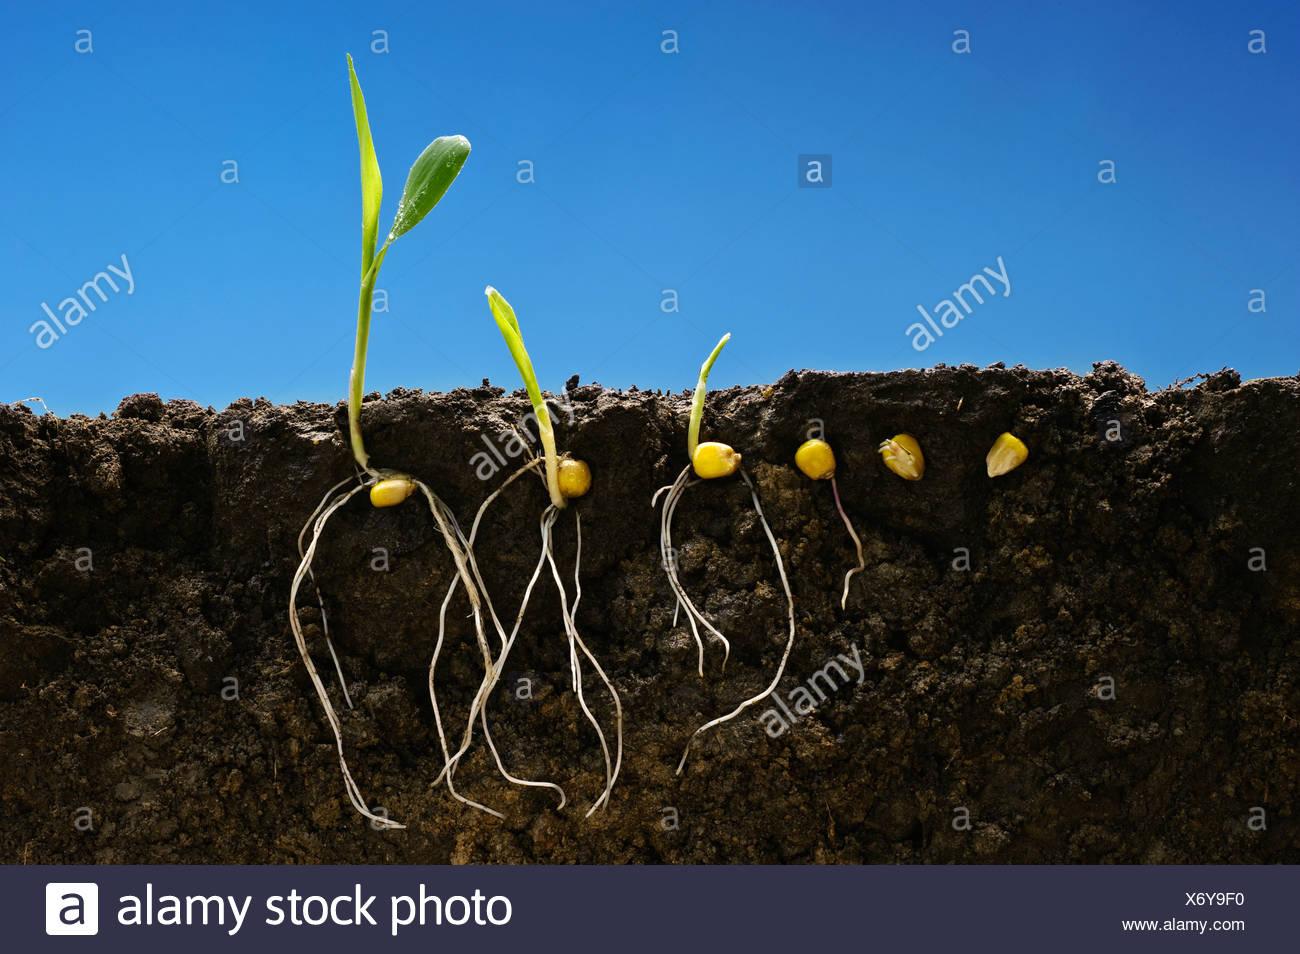 Getreide Mais frühen Wachstum Entwicklungsstadien zeigen Wurzelsysteme; von links nach rechts: sechs Etappen vom Samen zu inszenieren, um zwei-Blatt-Stadium. Stockbild